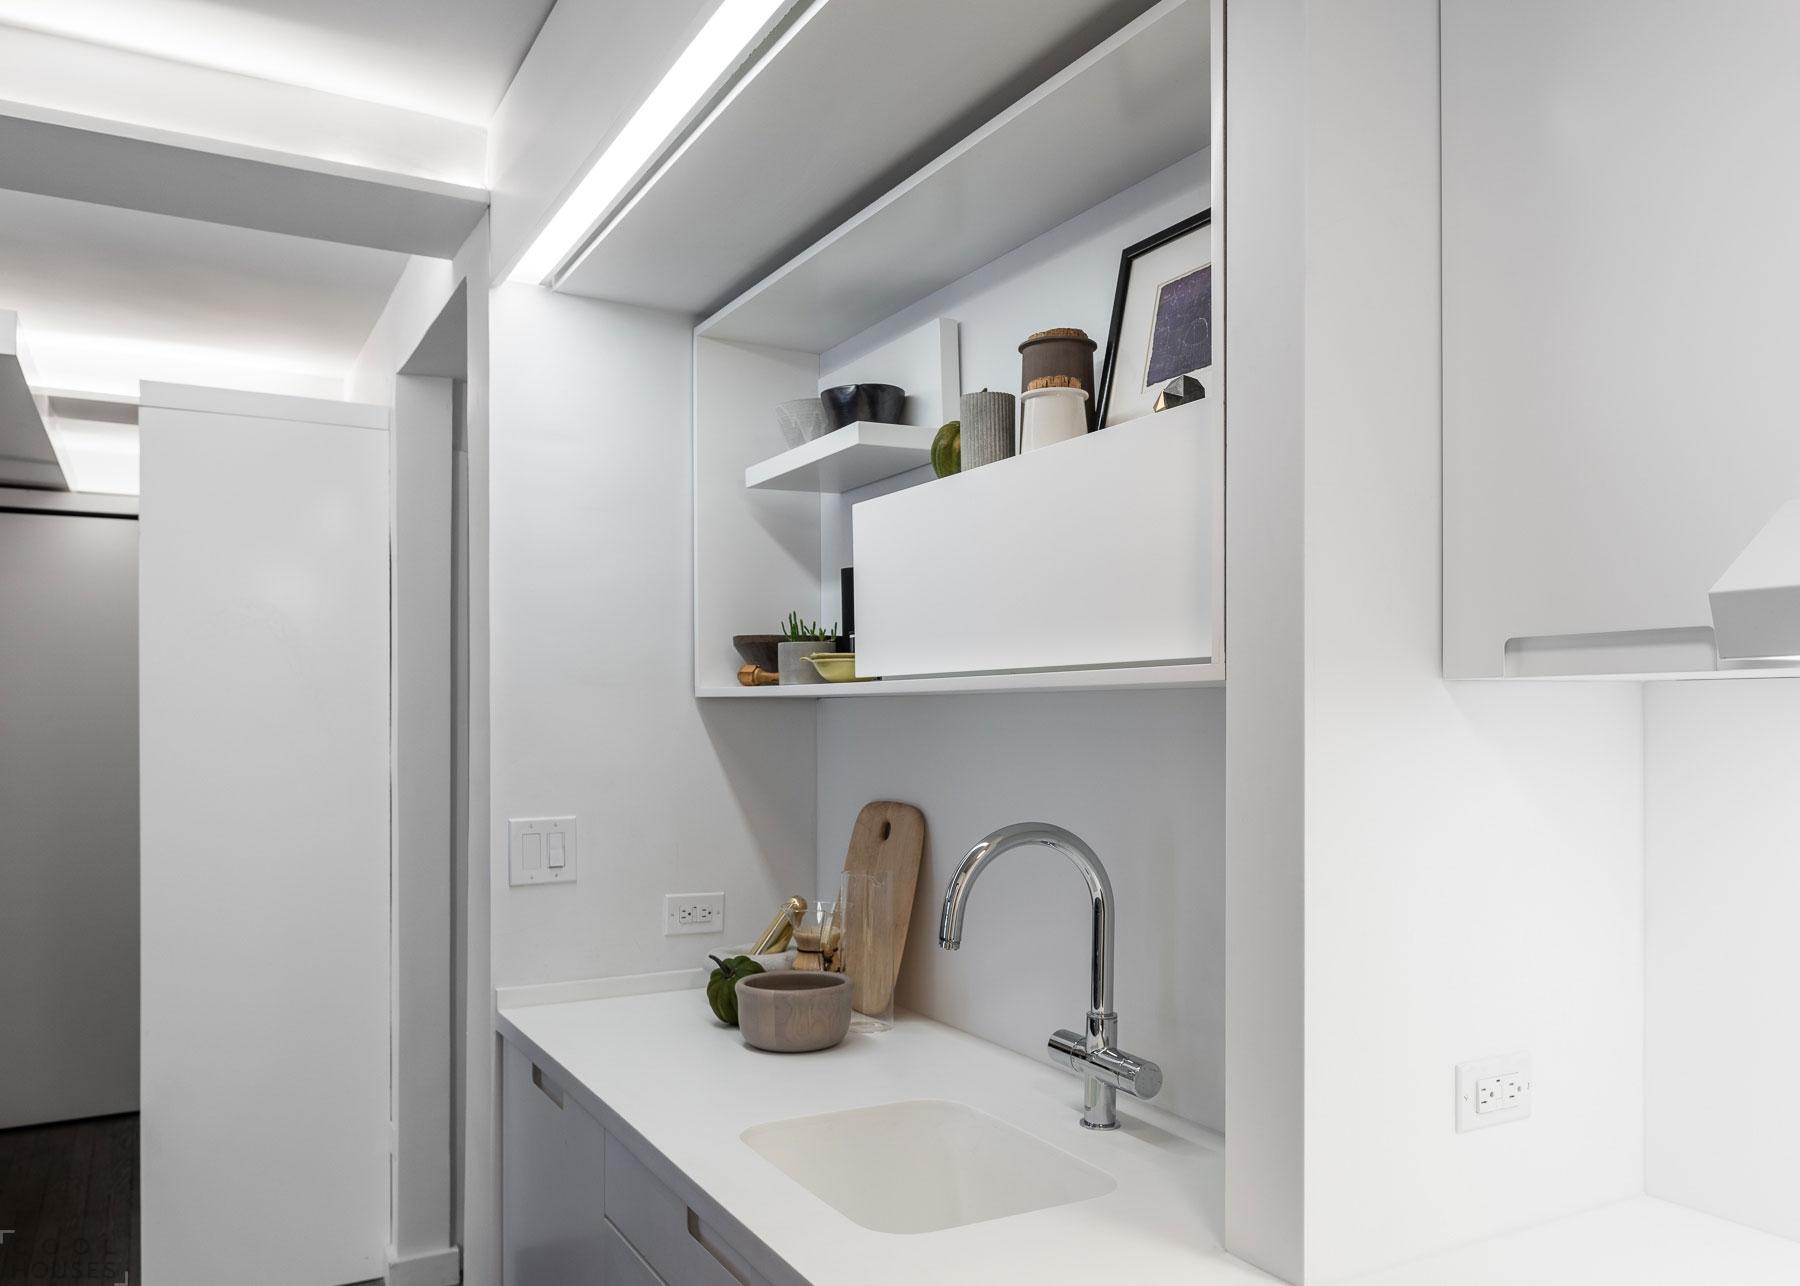 Квартира – трансформер под названием «5:1» в Манхэттене, Нью-Йорк, США